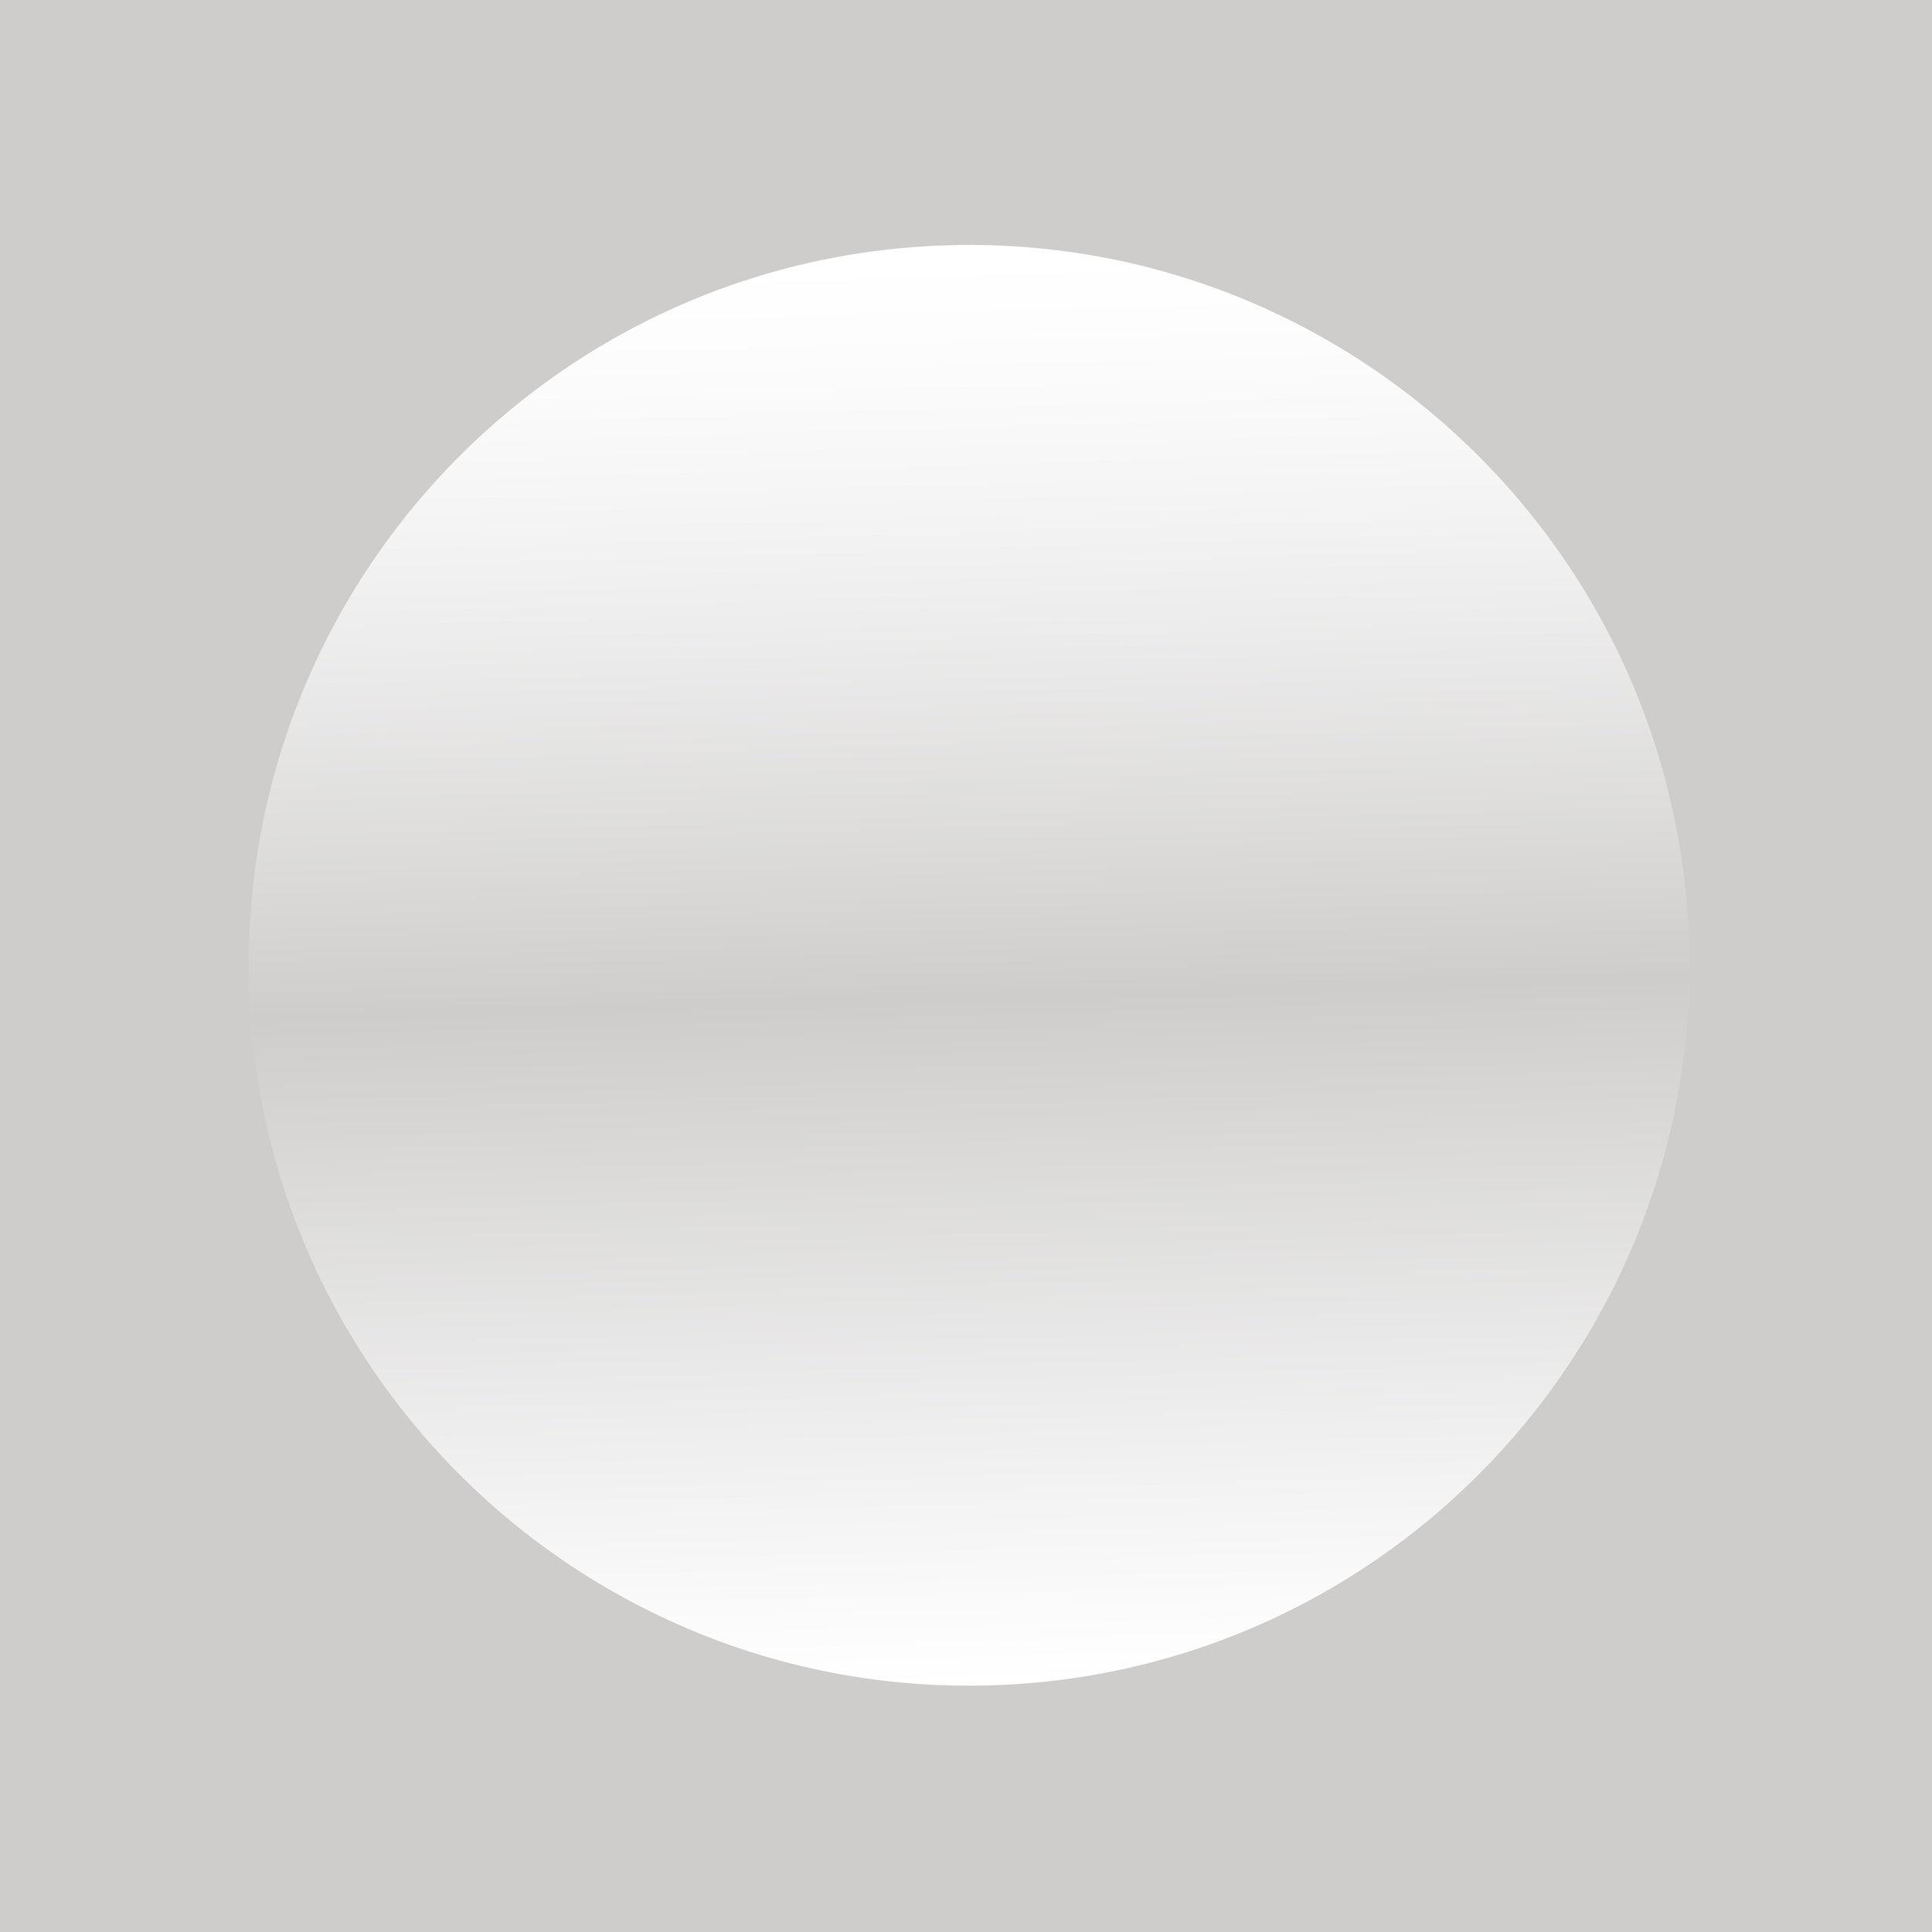 BallPatter_2-35.jpg